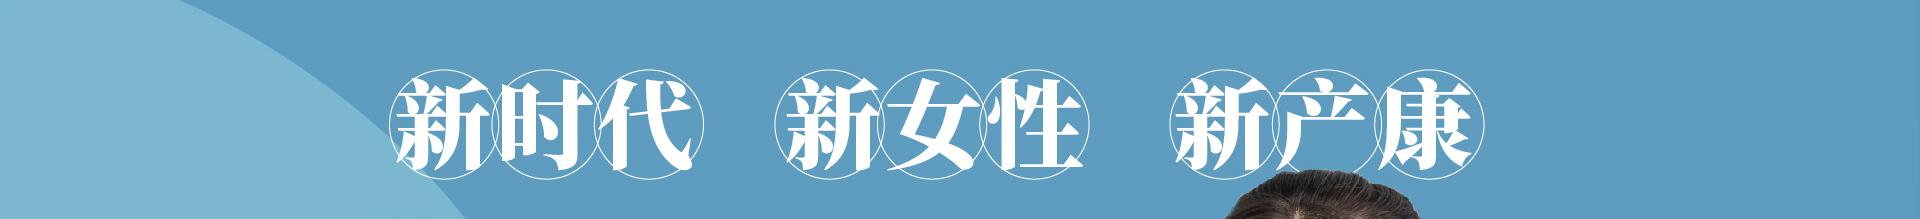 芊姿国际产后恢复中心qzchxf_02